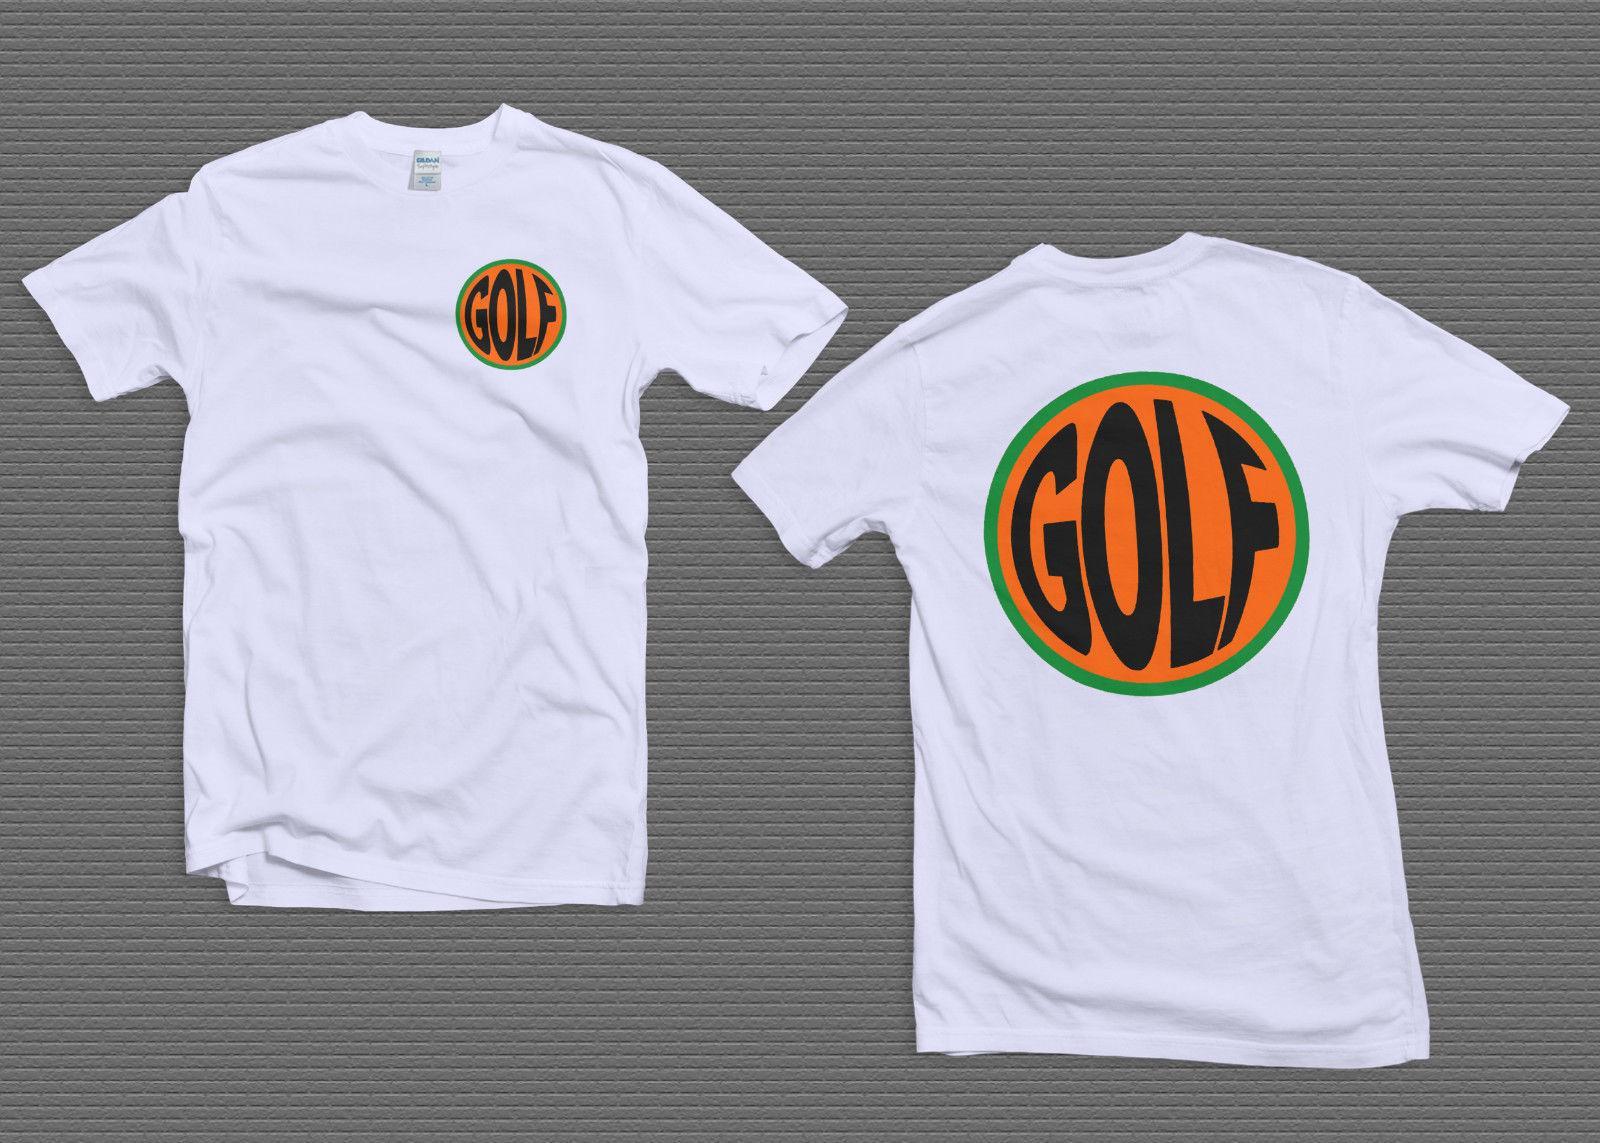 aacce1d91fa7e2 TOP Golf Wang Fish Eye Tee Shirt Tyler The Creator White Size S 2XL Men  Women Unisex Fashion Tshirt Funny T Shirt Prints Funky T Shirt Designs From  ...